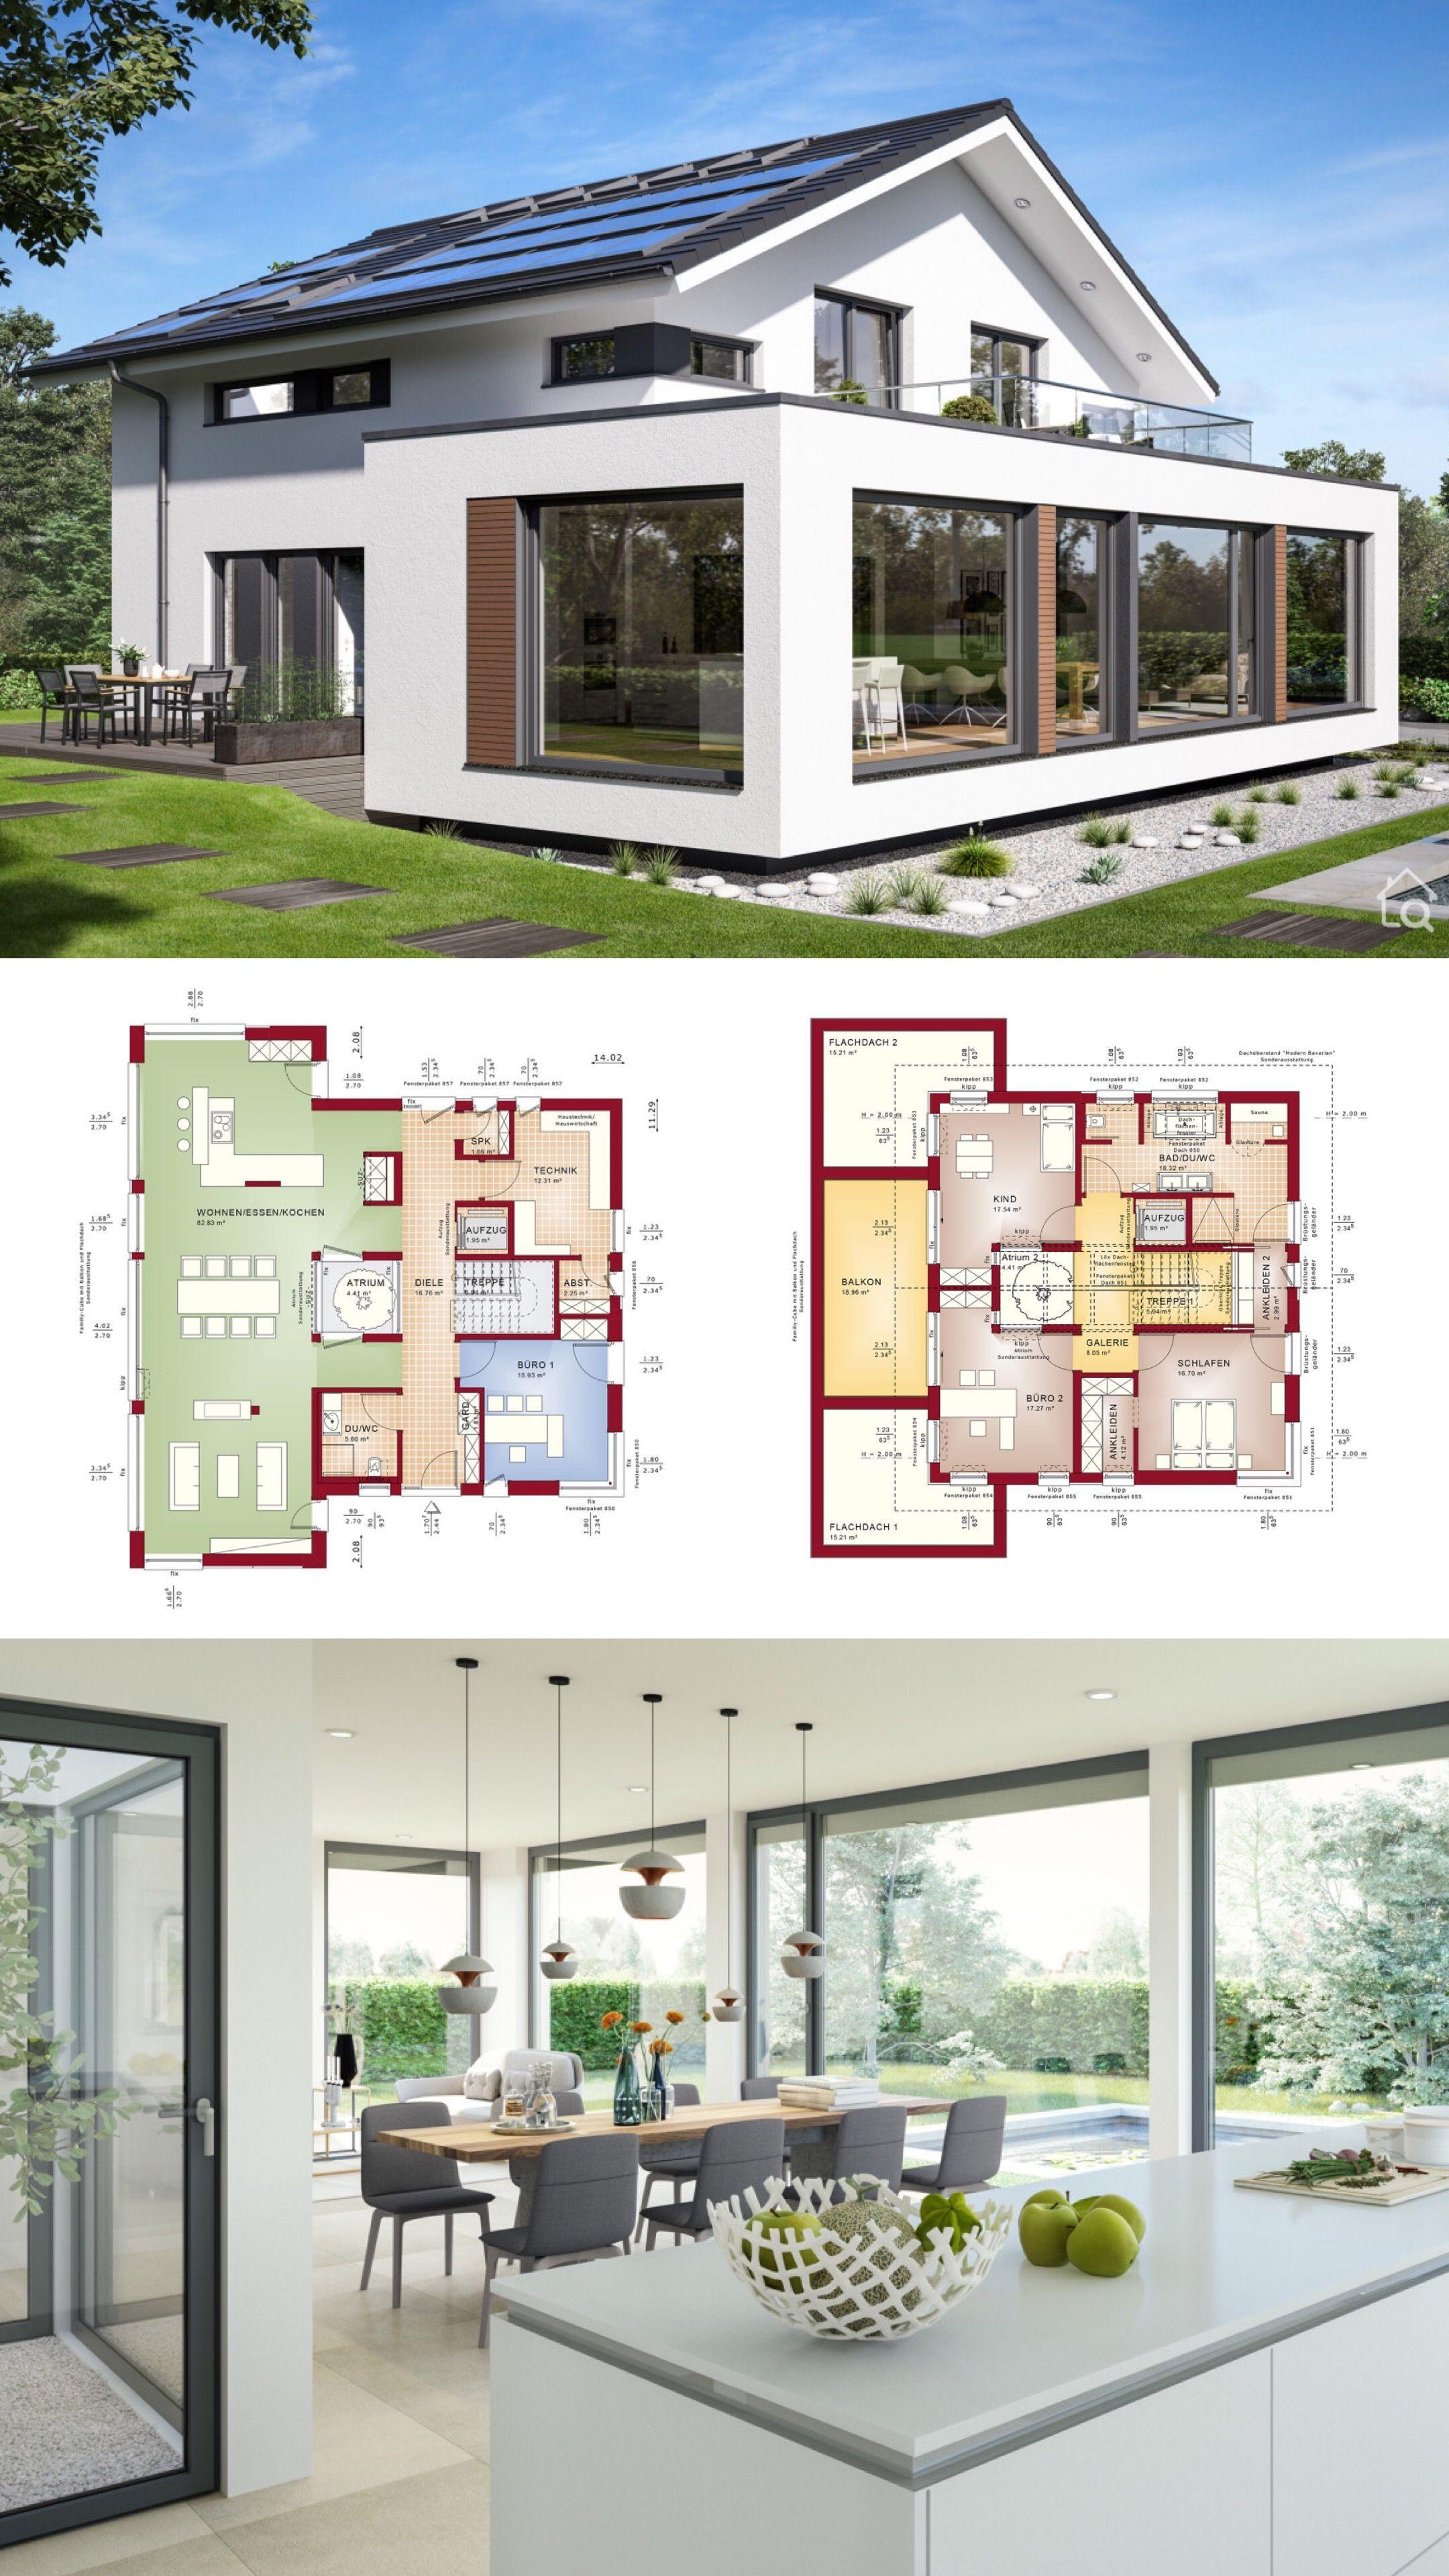 Modernes Satteldach Haus Mit Atrium Galerie 5 Zimmer Grundriss Offen 250 Qm Gross Aufzug Grosser Wintergarten Erker Mit Balko Modernes Haus Haus Haus Plane